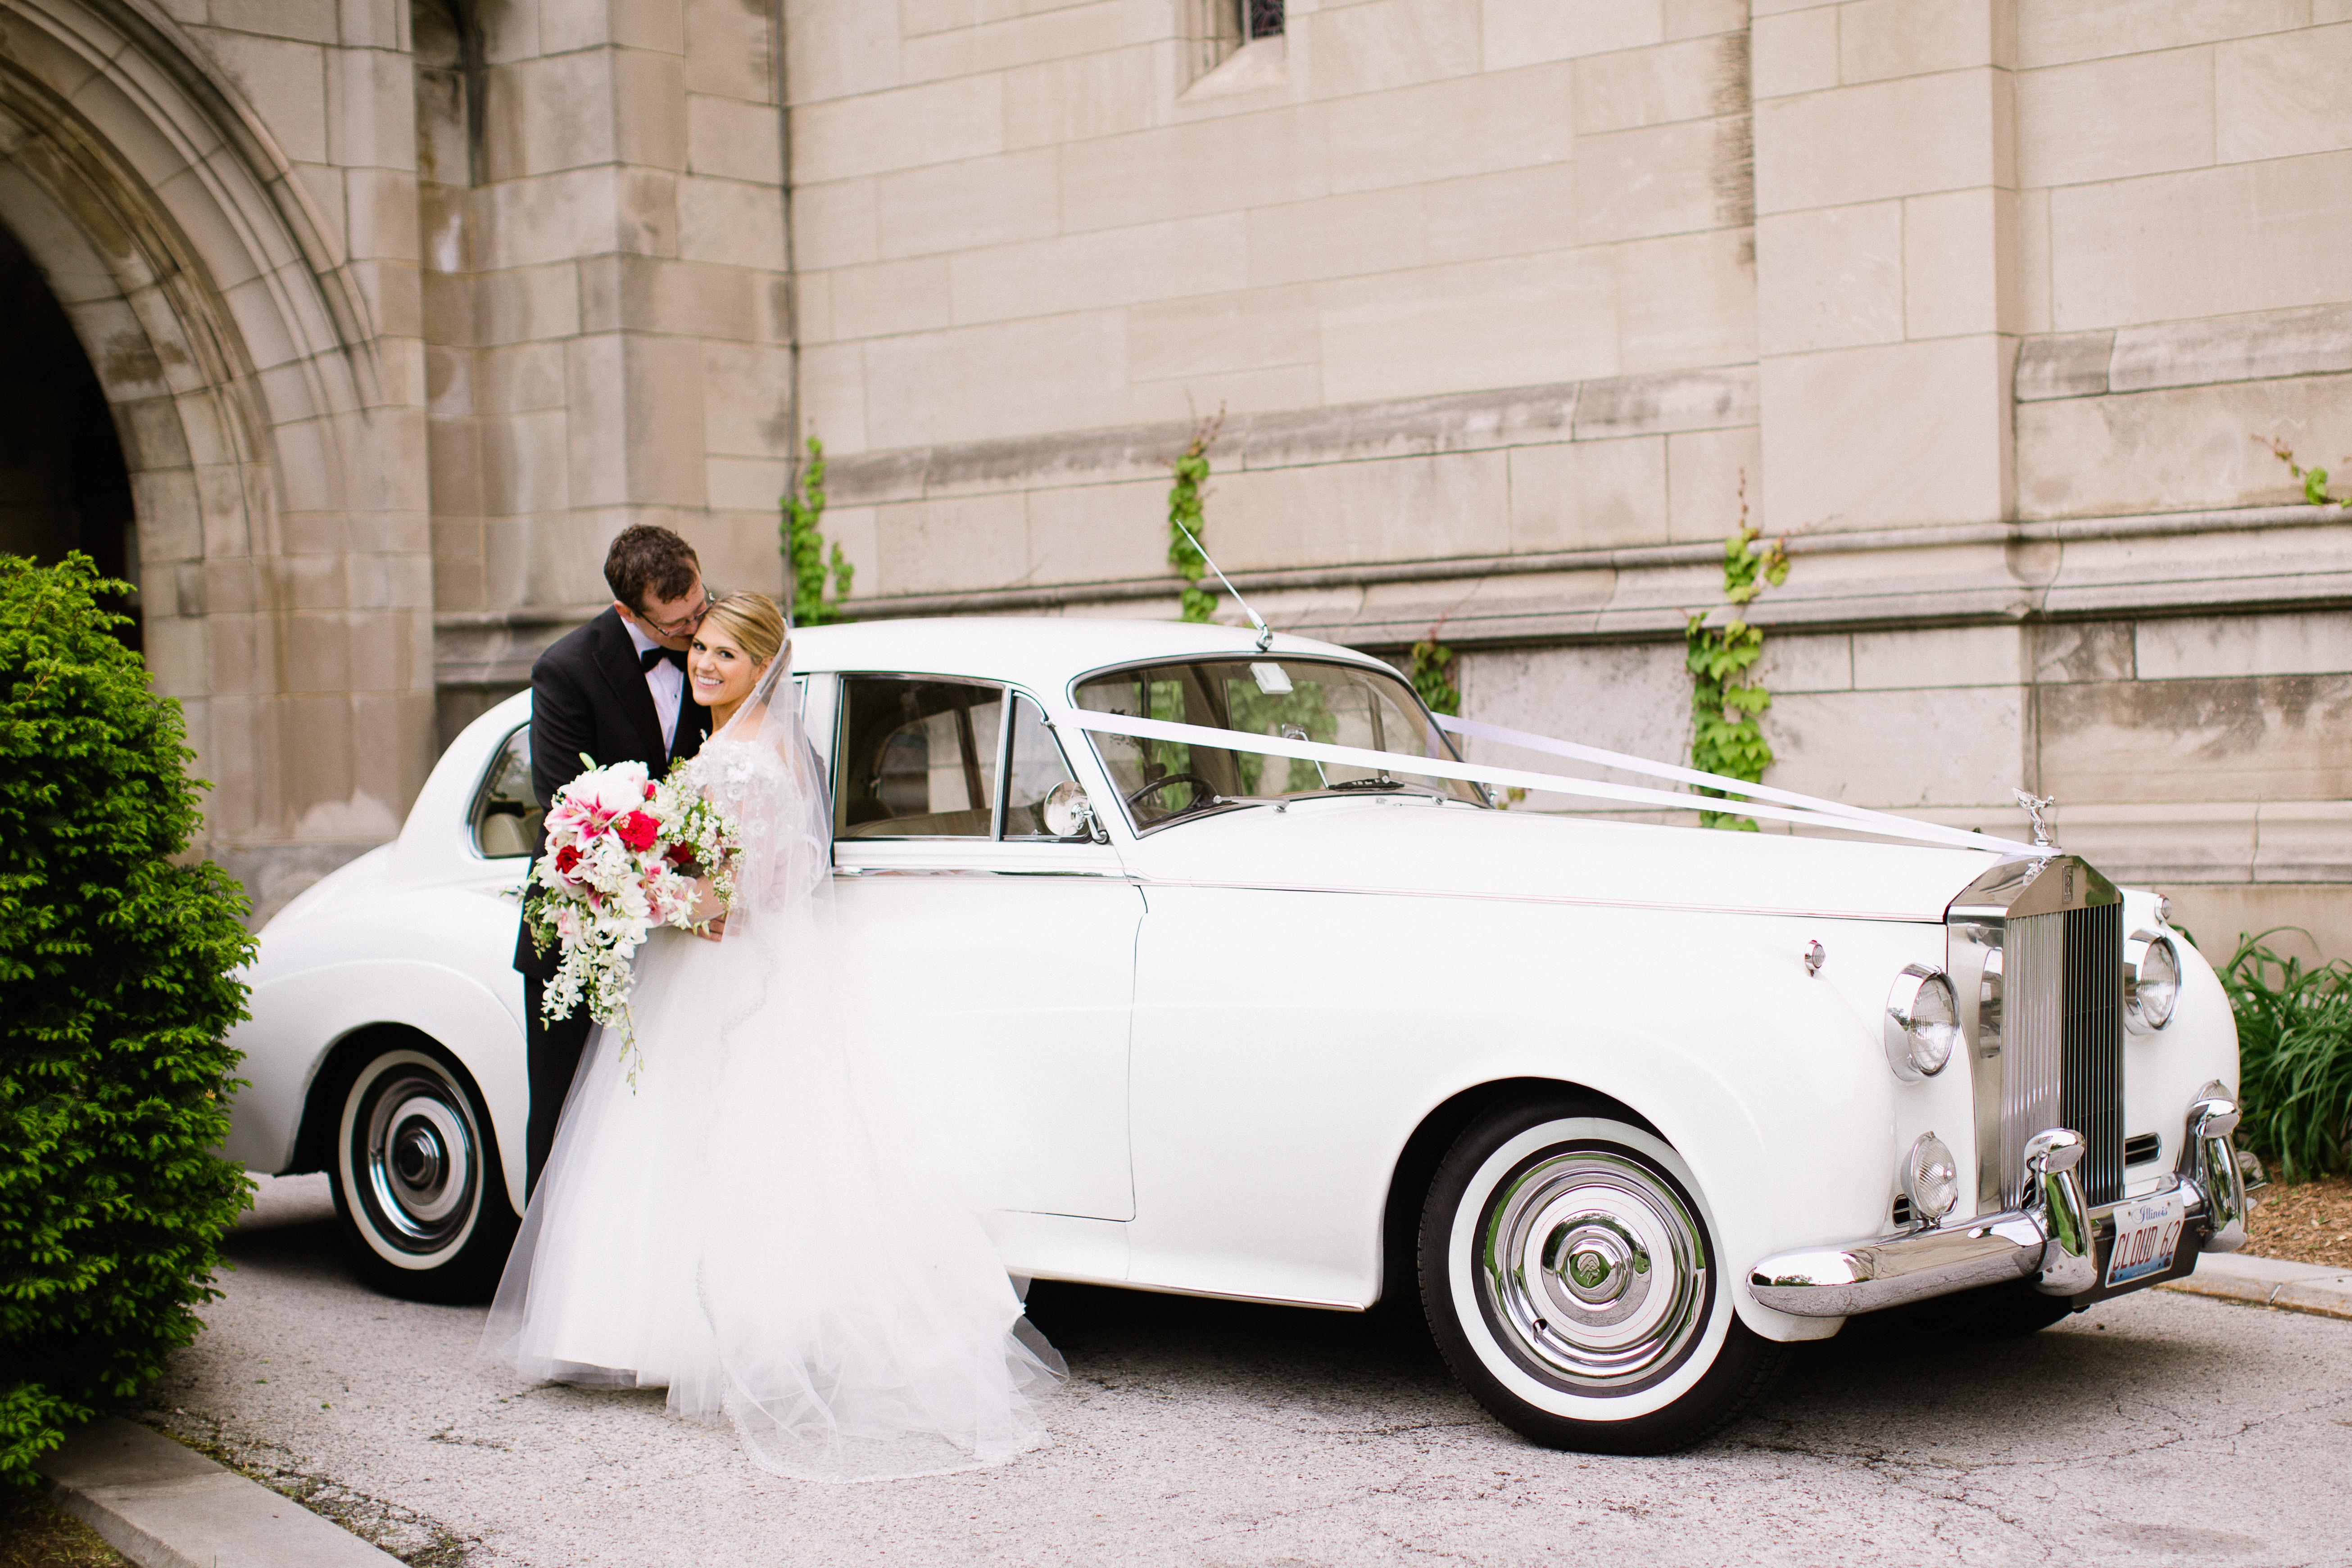 Classic Wedding Car - Classic Wedding Car